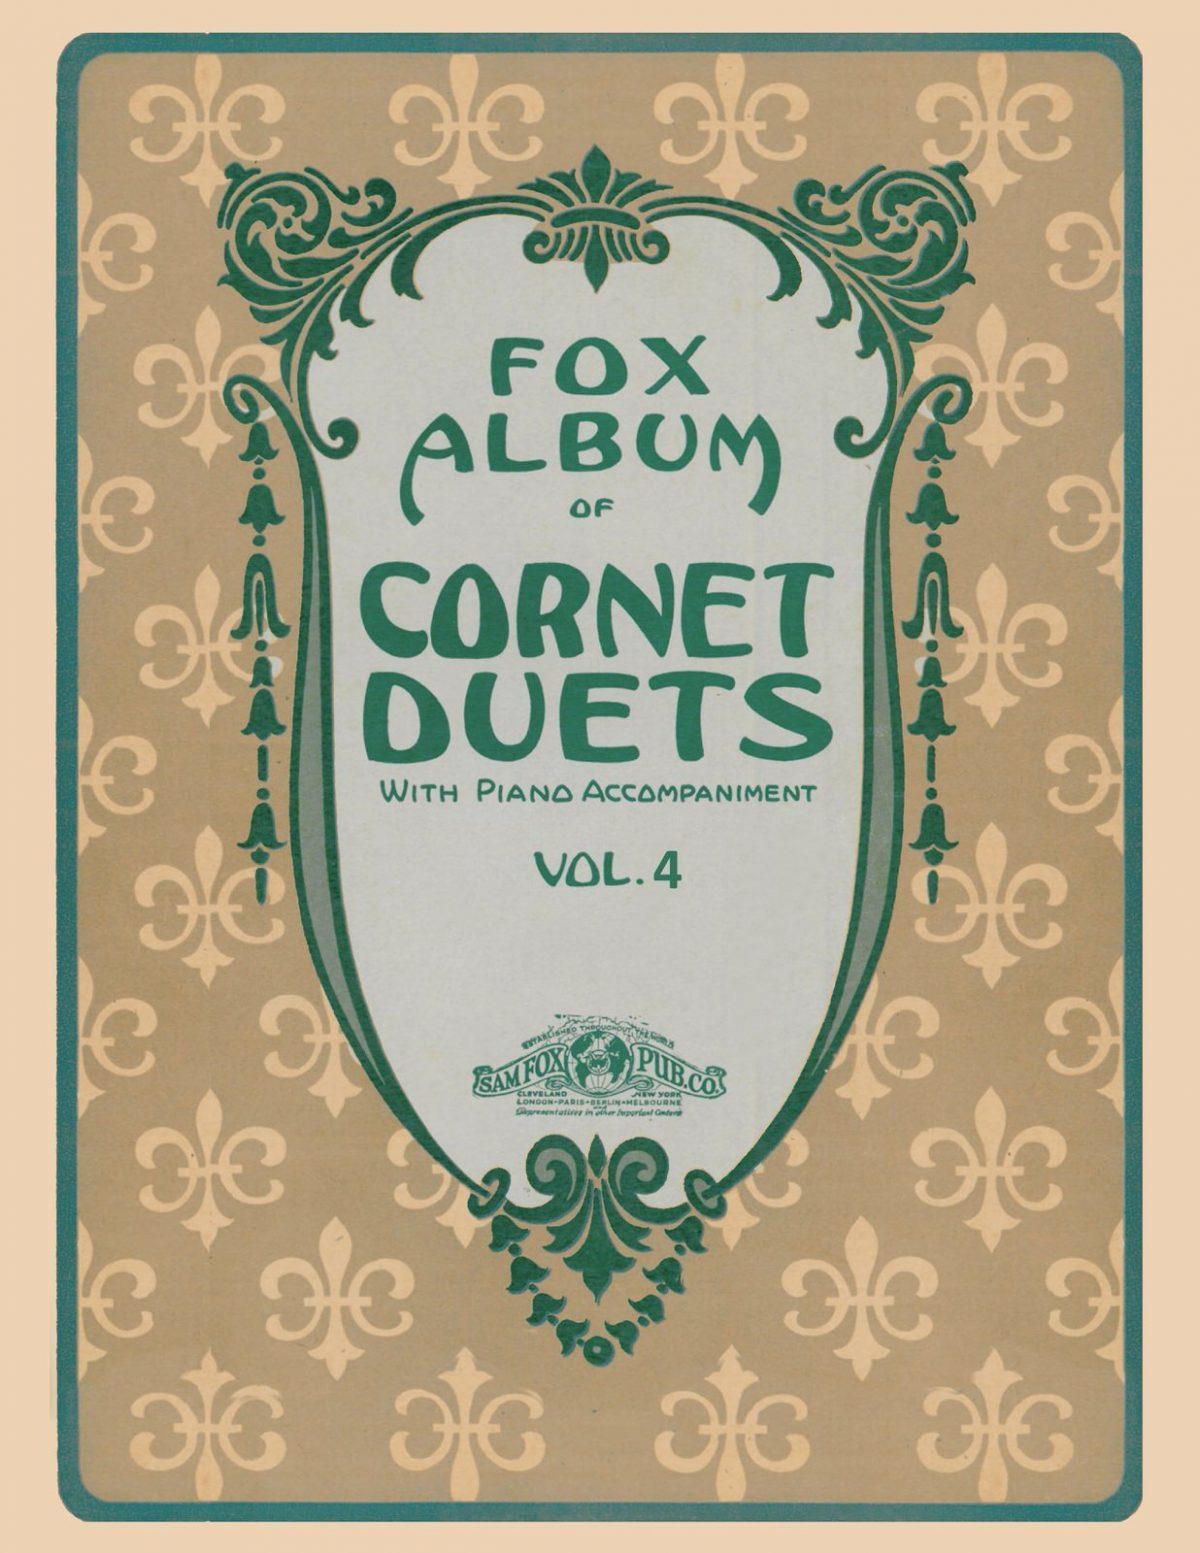 Fox Album of Cornet Duets Vol.4-p01